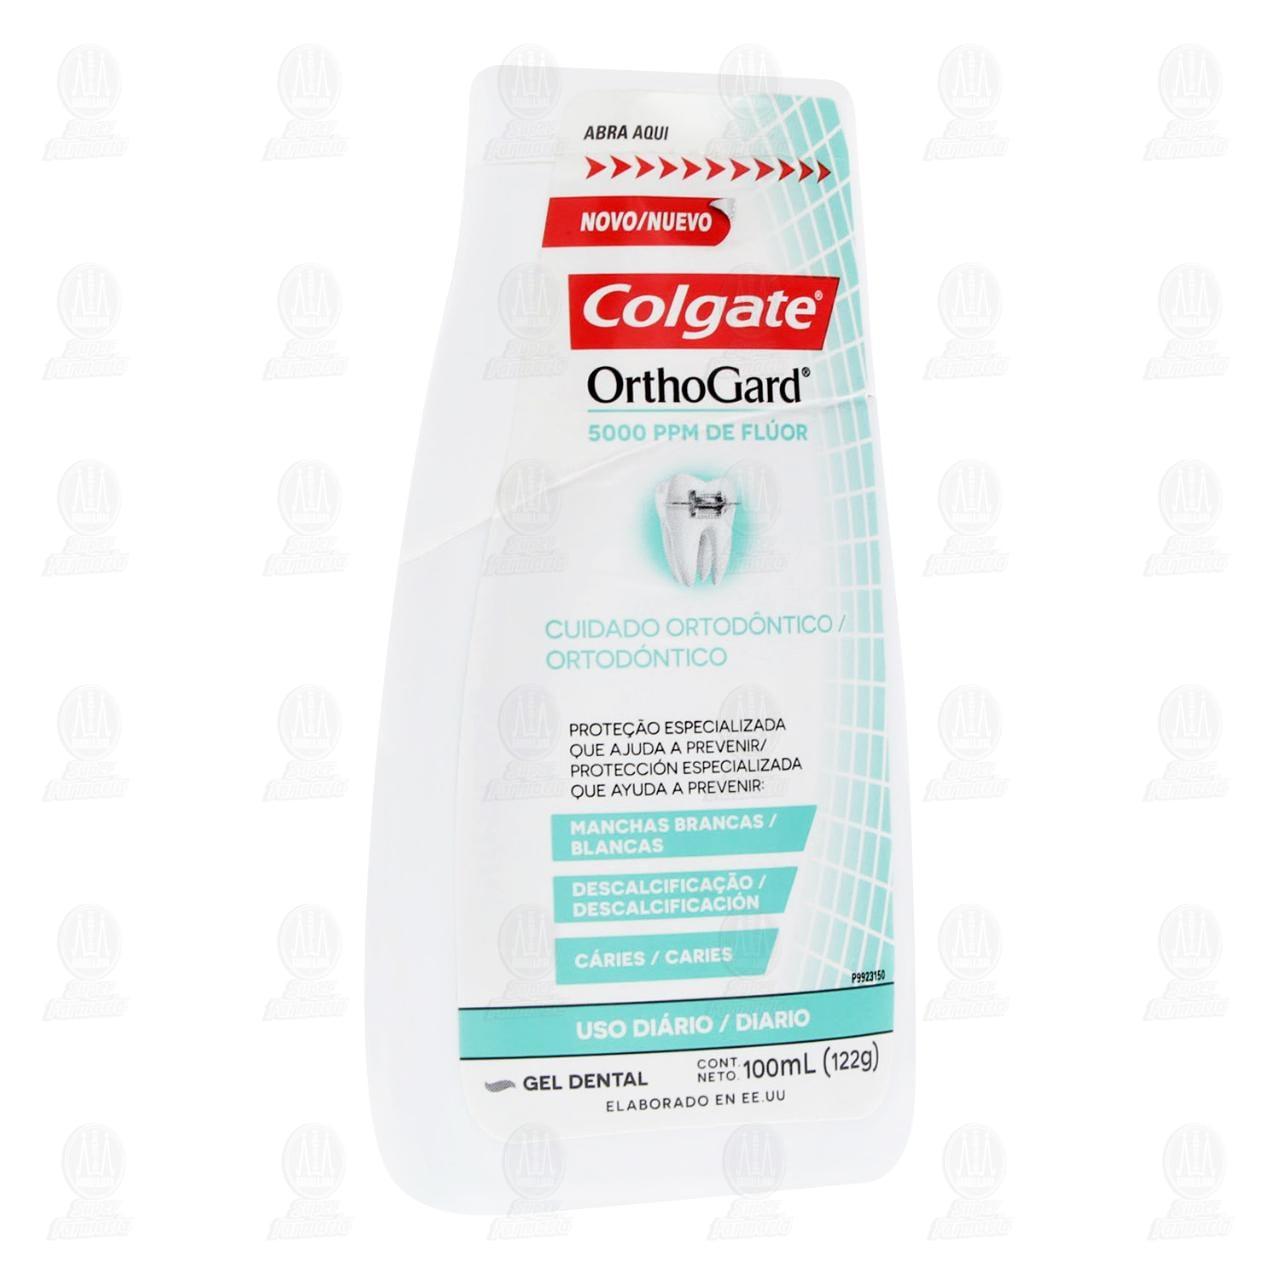 Comprar Pasta Dental Colgate OrthoGard Cuidado Ortodóntico, 100 ml. en Farmacias Guadalajara